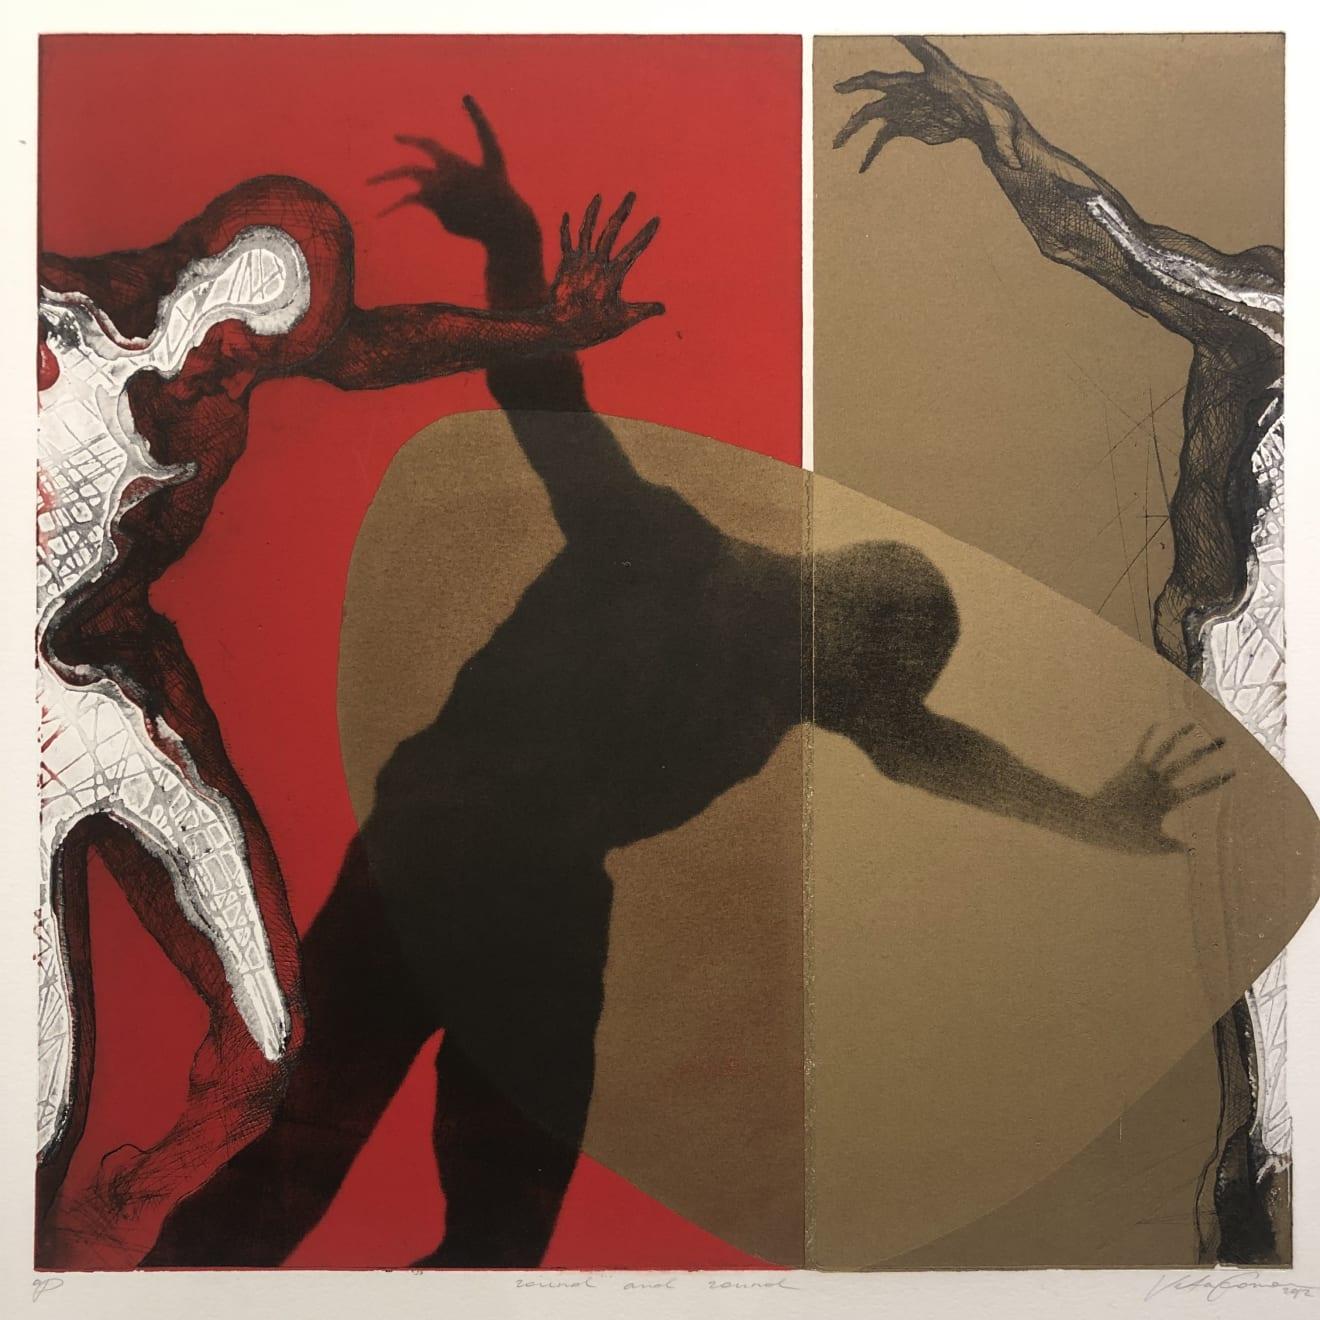 Veta Gorner, Round and Round, 2012